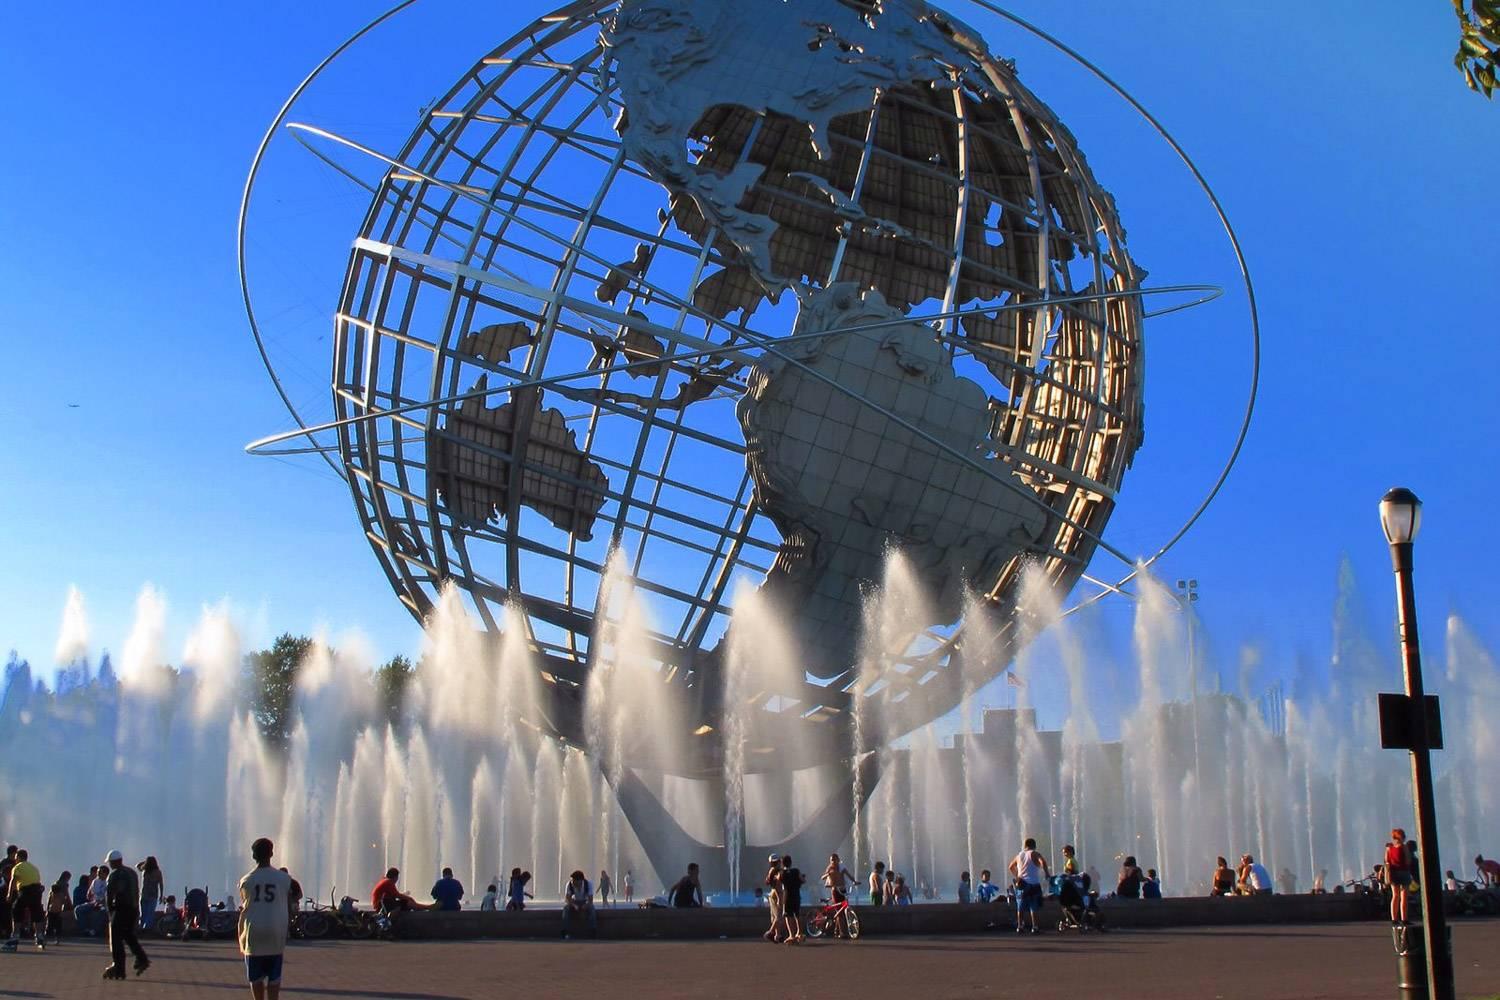 Imagen de parque de atracciones (Crédito de la foto: Unsplash)